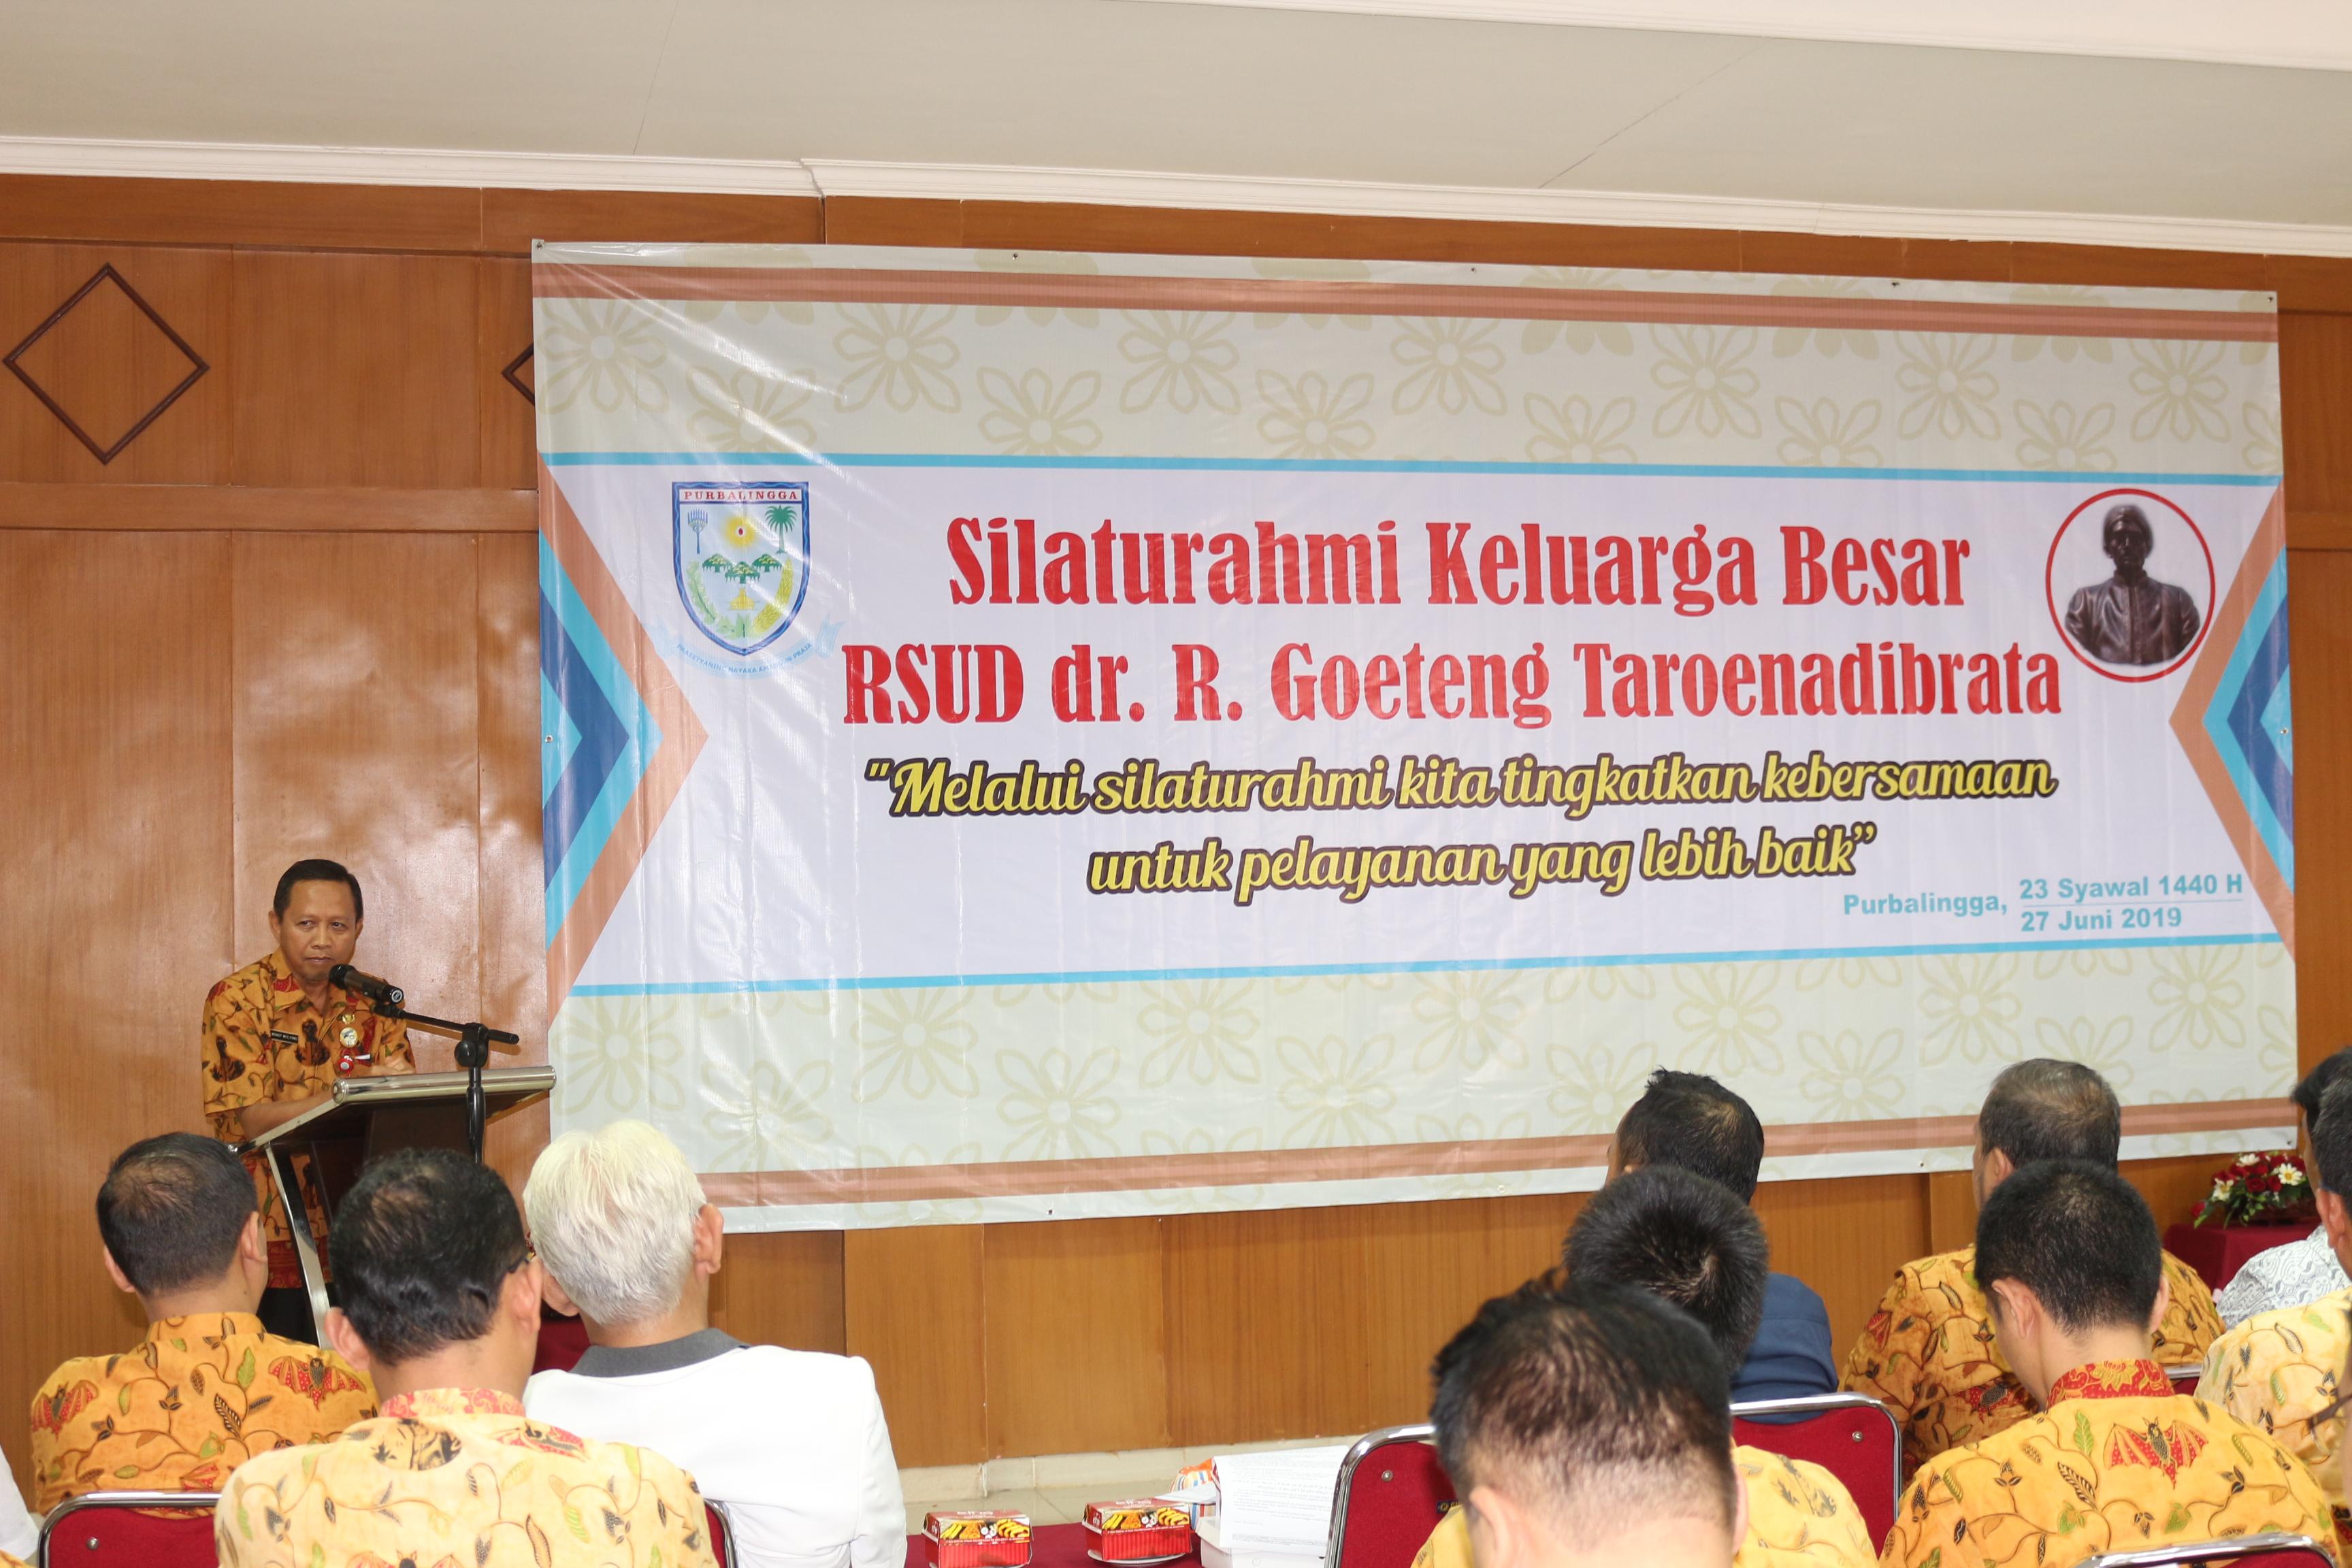 Silaturahmi keluarga besar RSUD dr R Goeteng Taroenadibrata tahun 2019